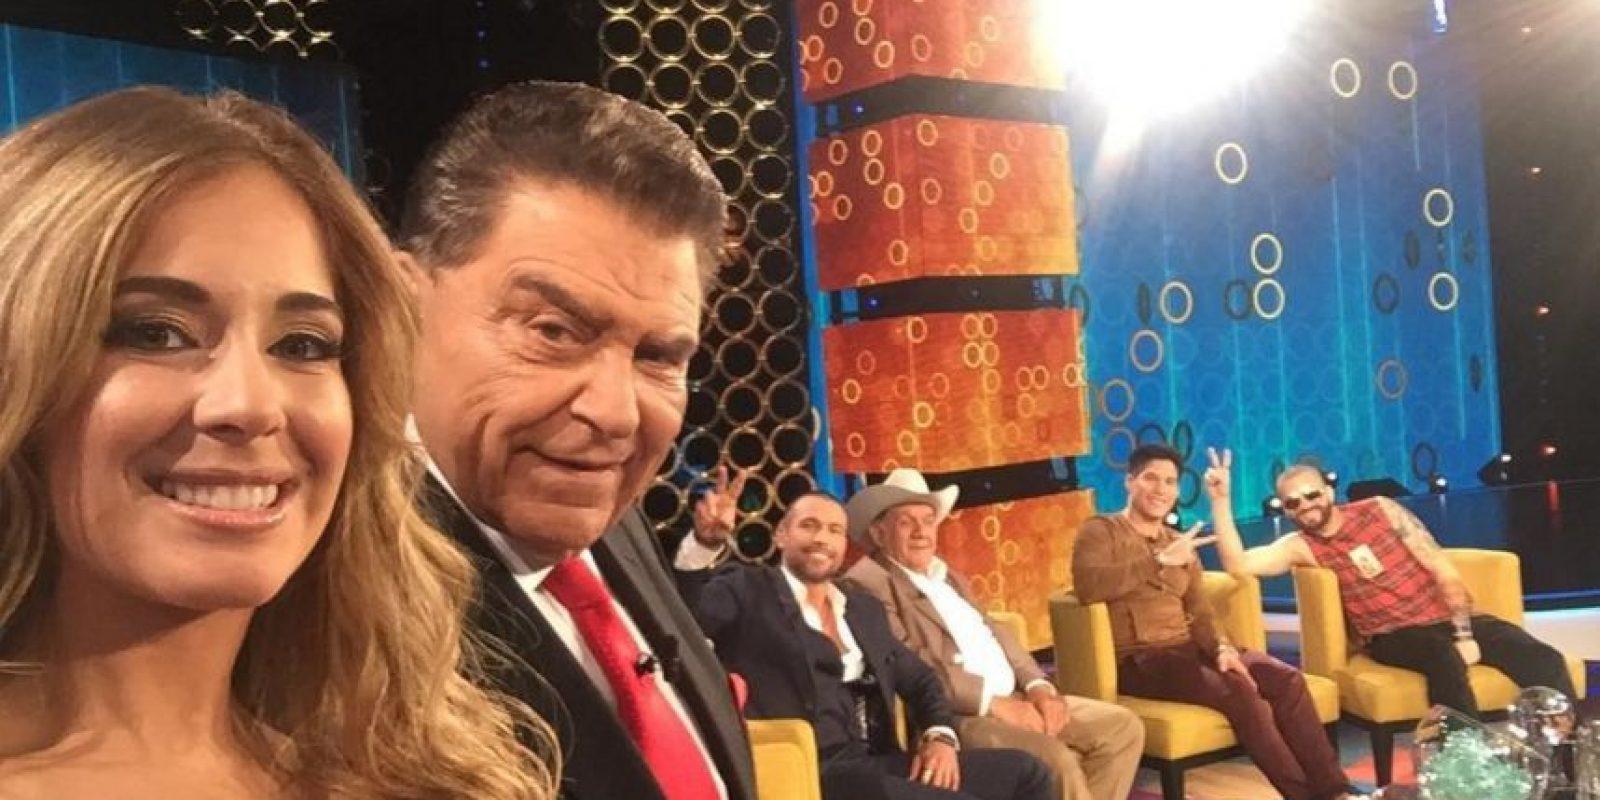 Vía instagram.com/donfranciscoteinvita/ Foto:Inicio el nuevo programa de Don Francisco